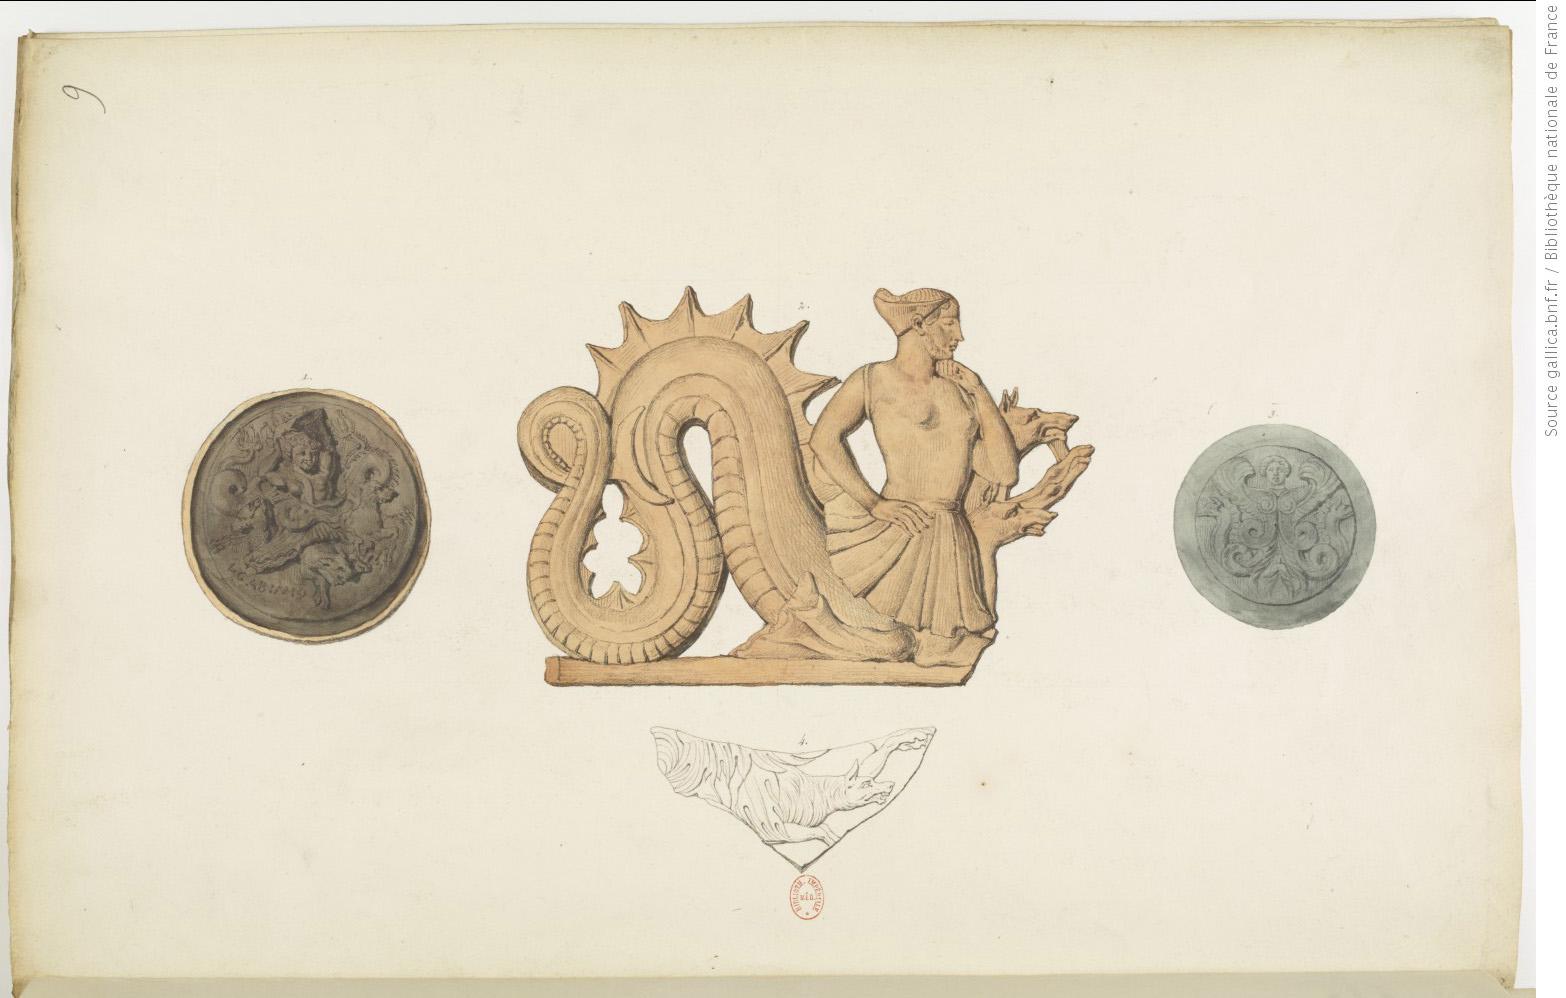 Recueil des monuments antiques, volume 1, planche 21. © Bibliothèque nationale de France